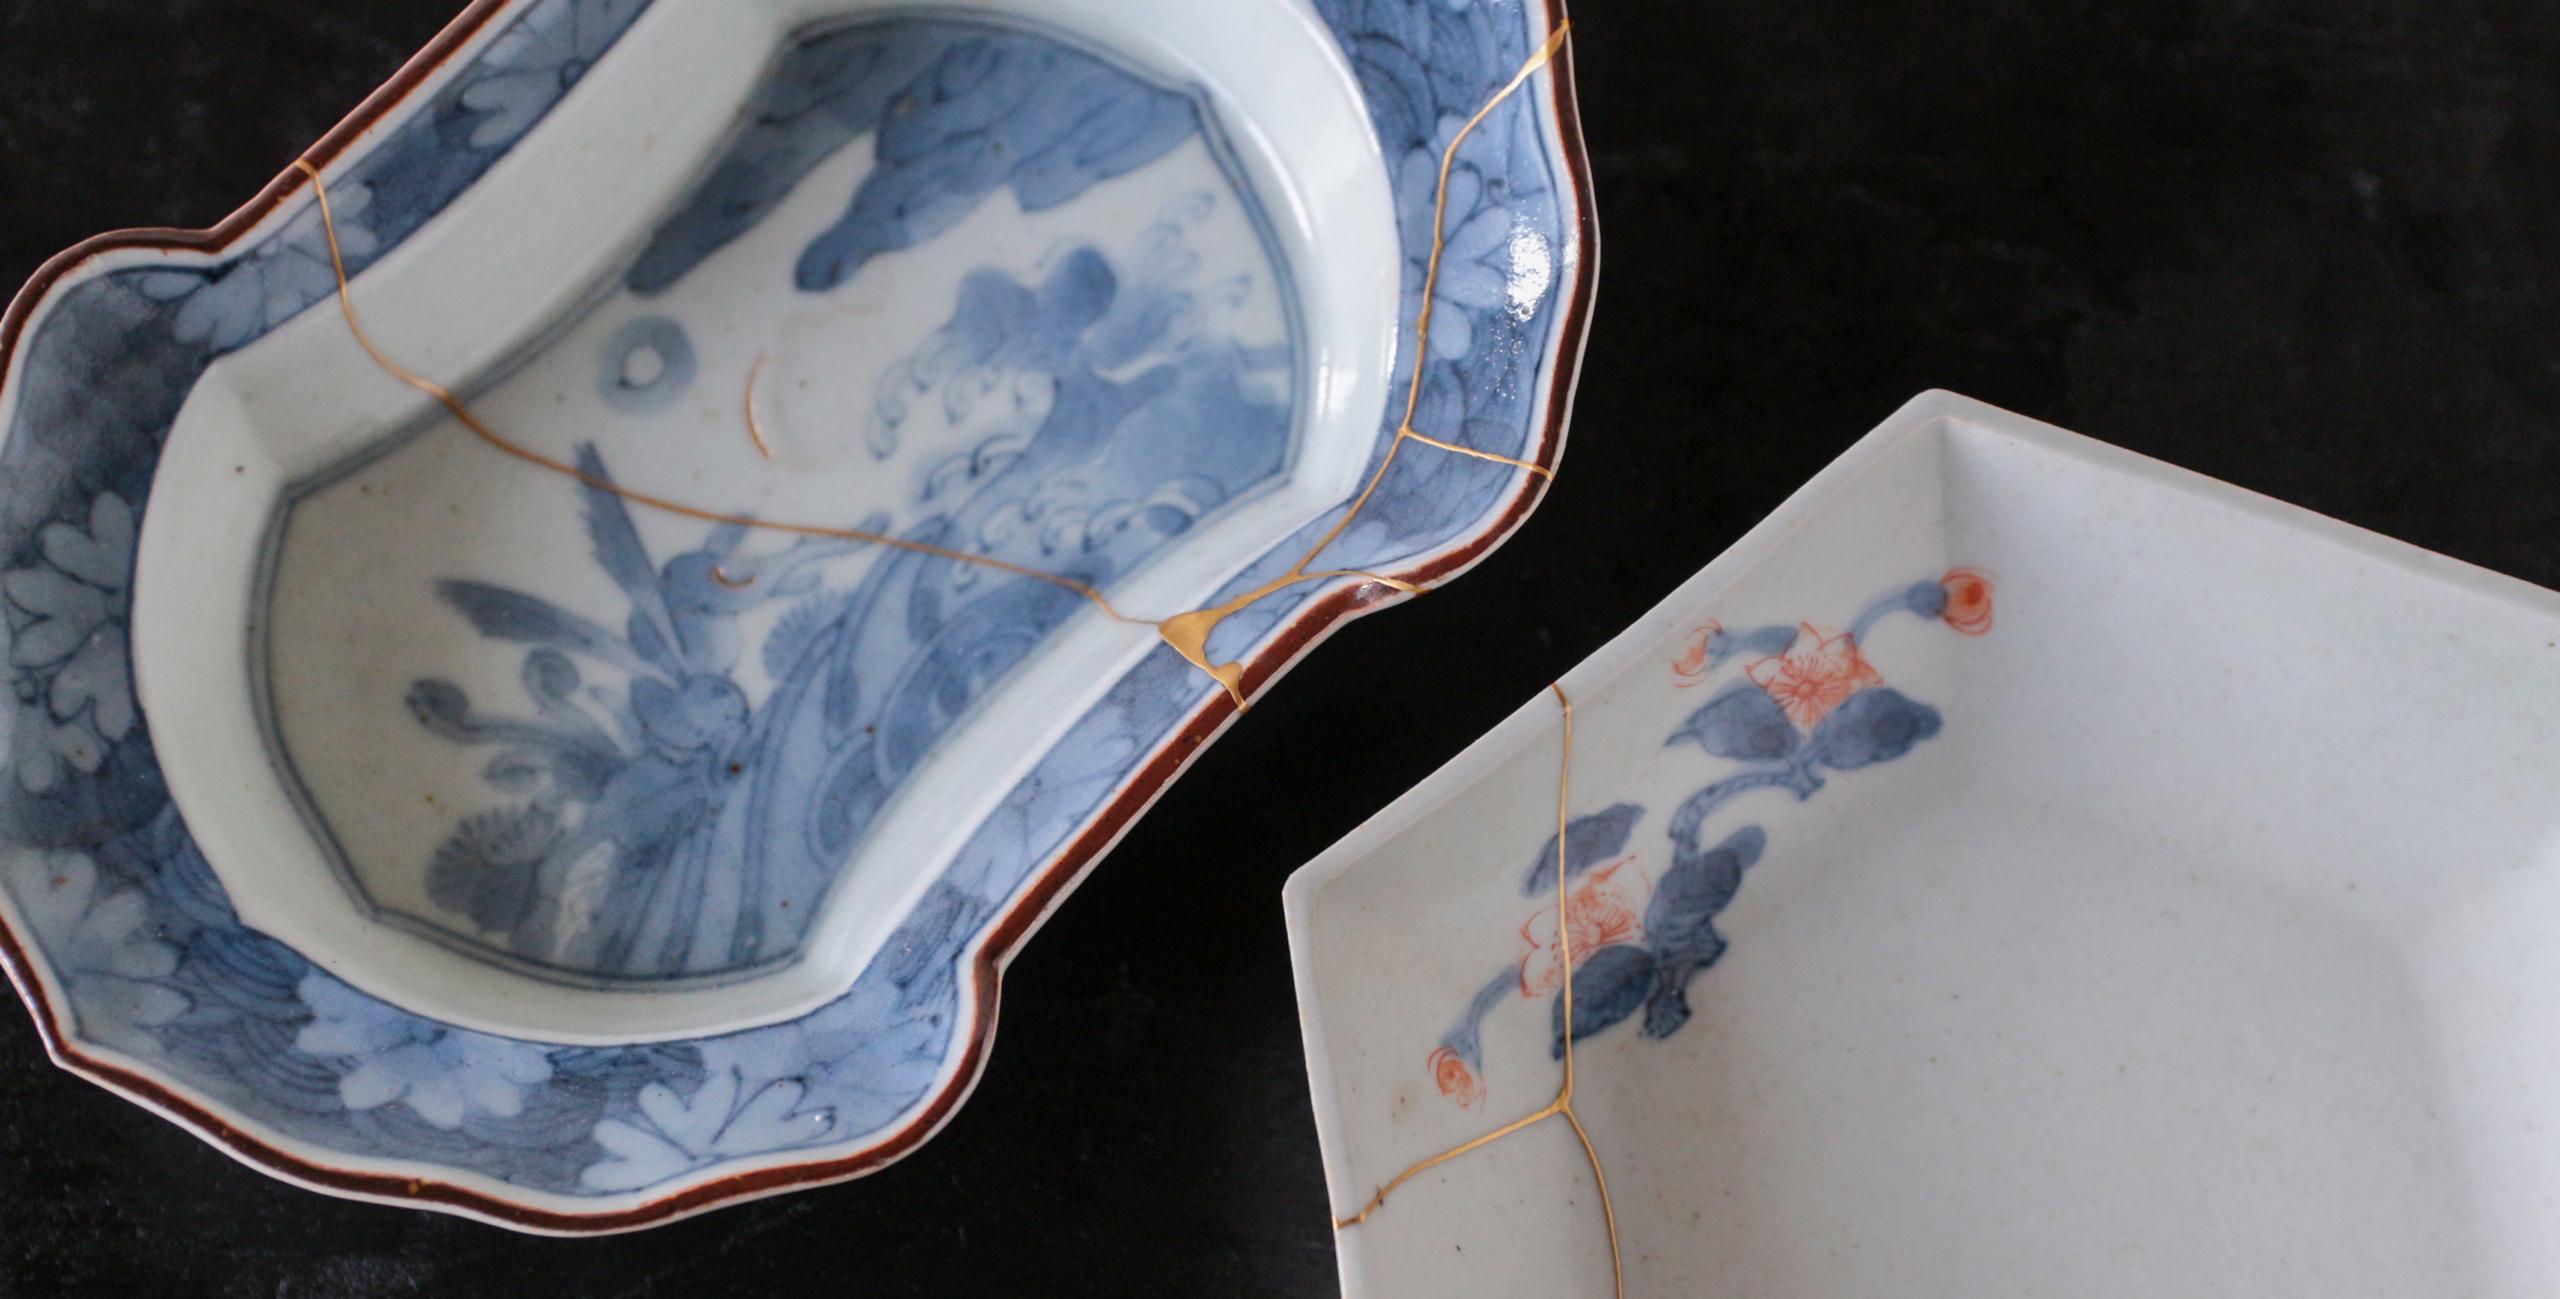 芦屋の陶芸ギャラリー Abundante(アバンダンテ)